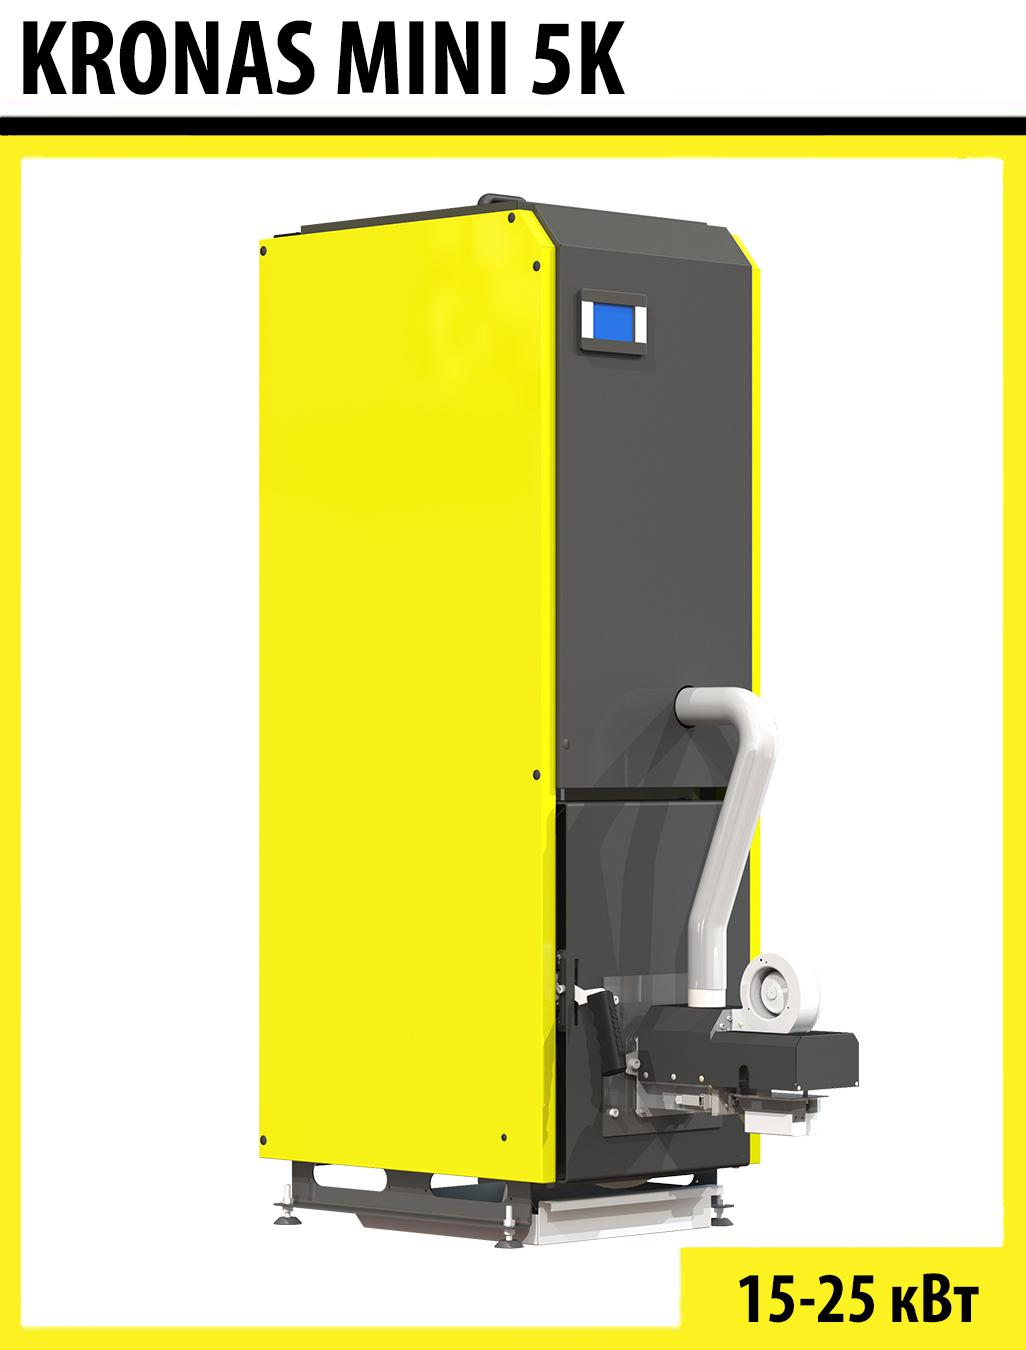 MINI 5K (15-25 кВт)